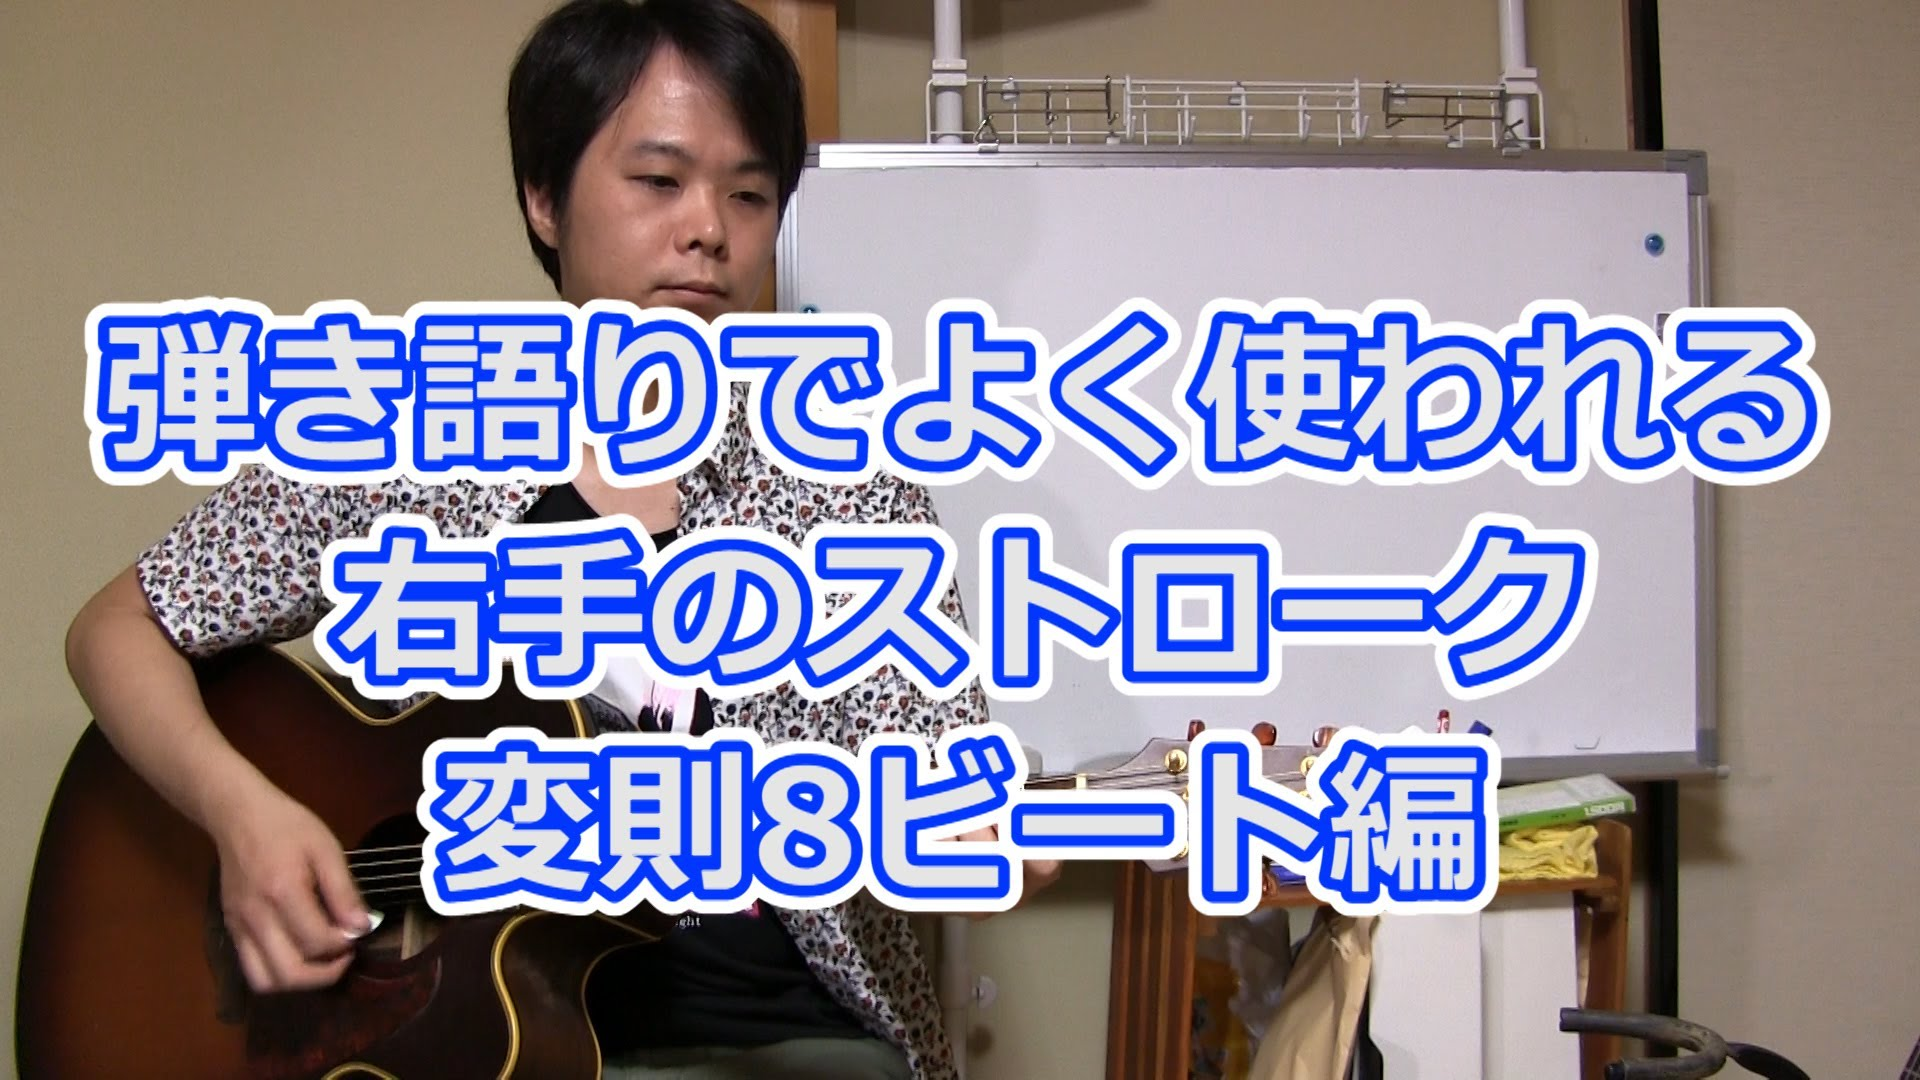 斉藤和義「ずっと好きだった」のギターの弾き方講座